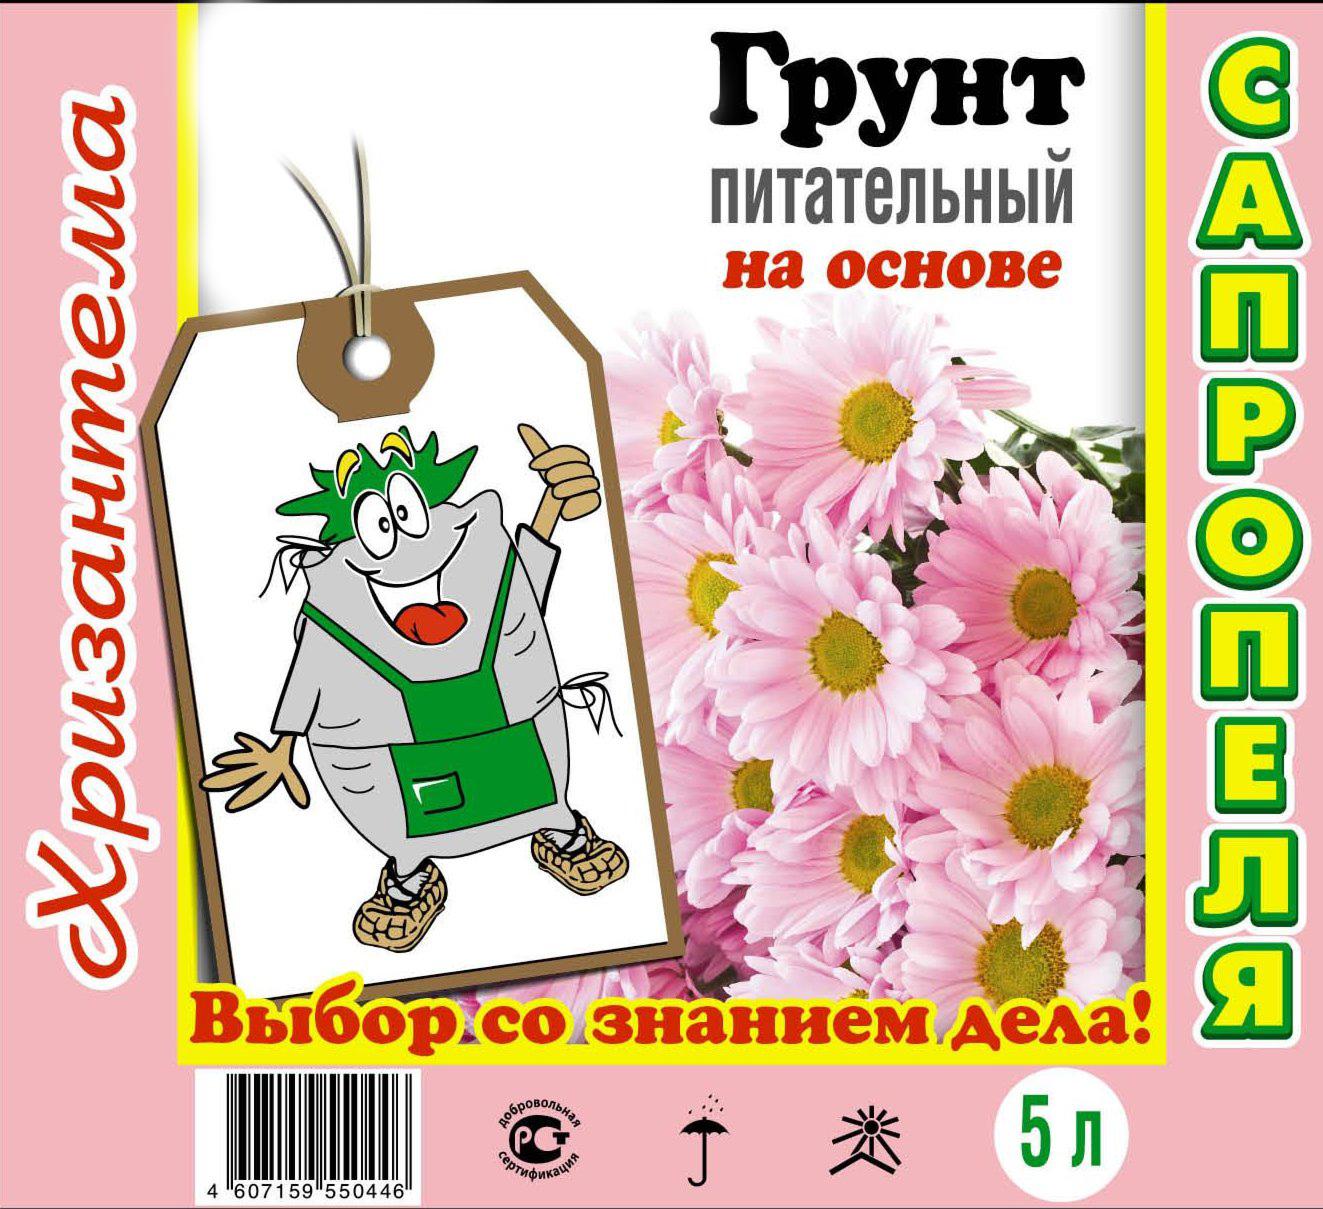 Сапропелевые грунты для растениеводства, садоводства от компании ЗАО Респект - Грунт Хризантема